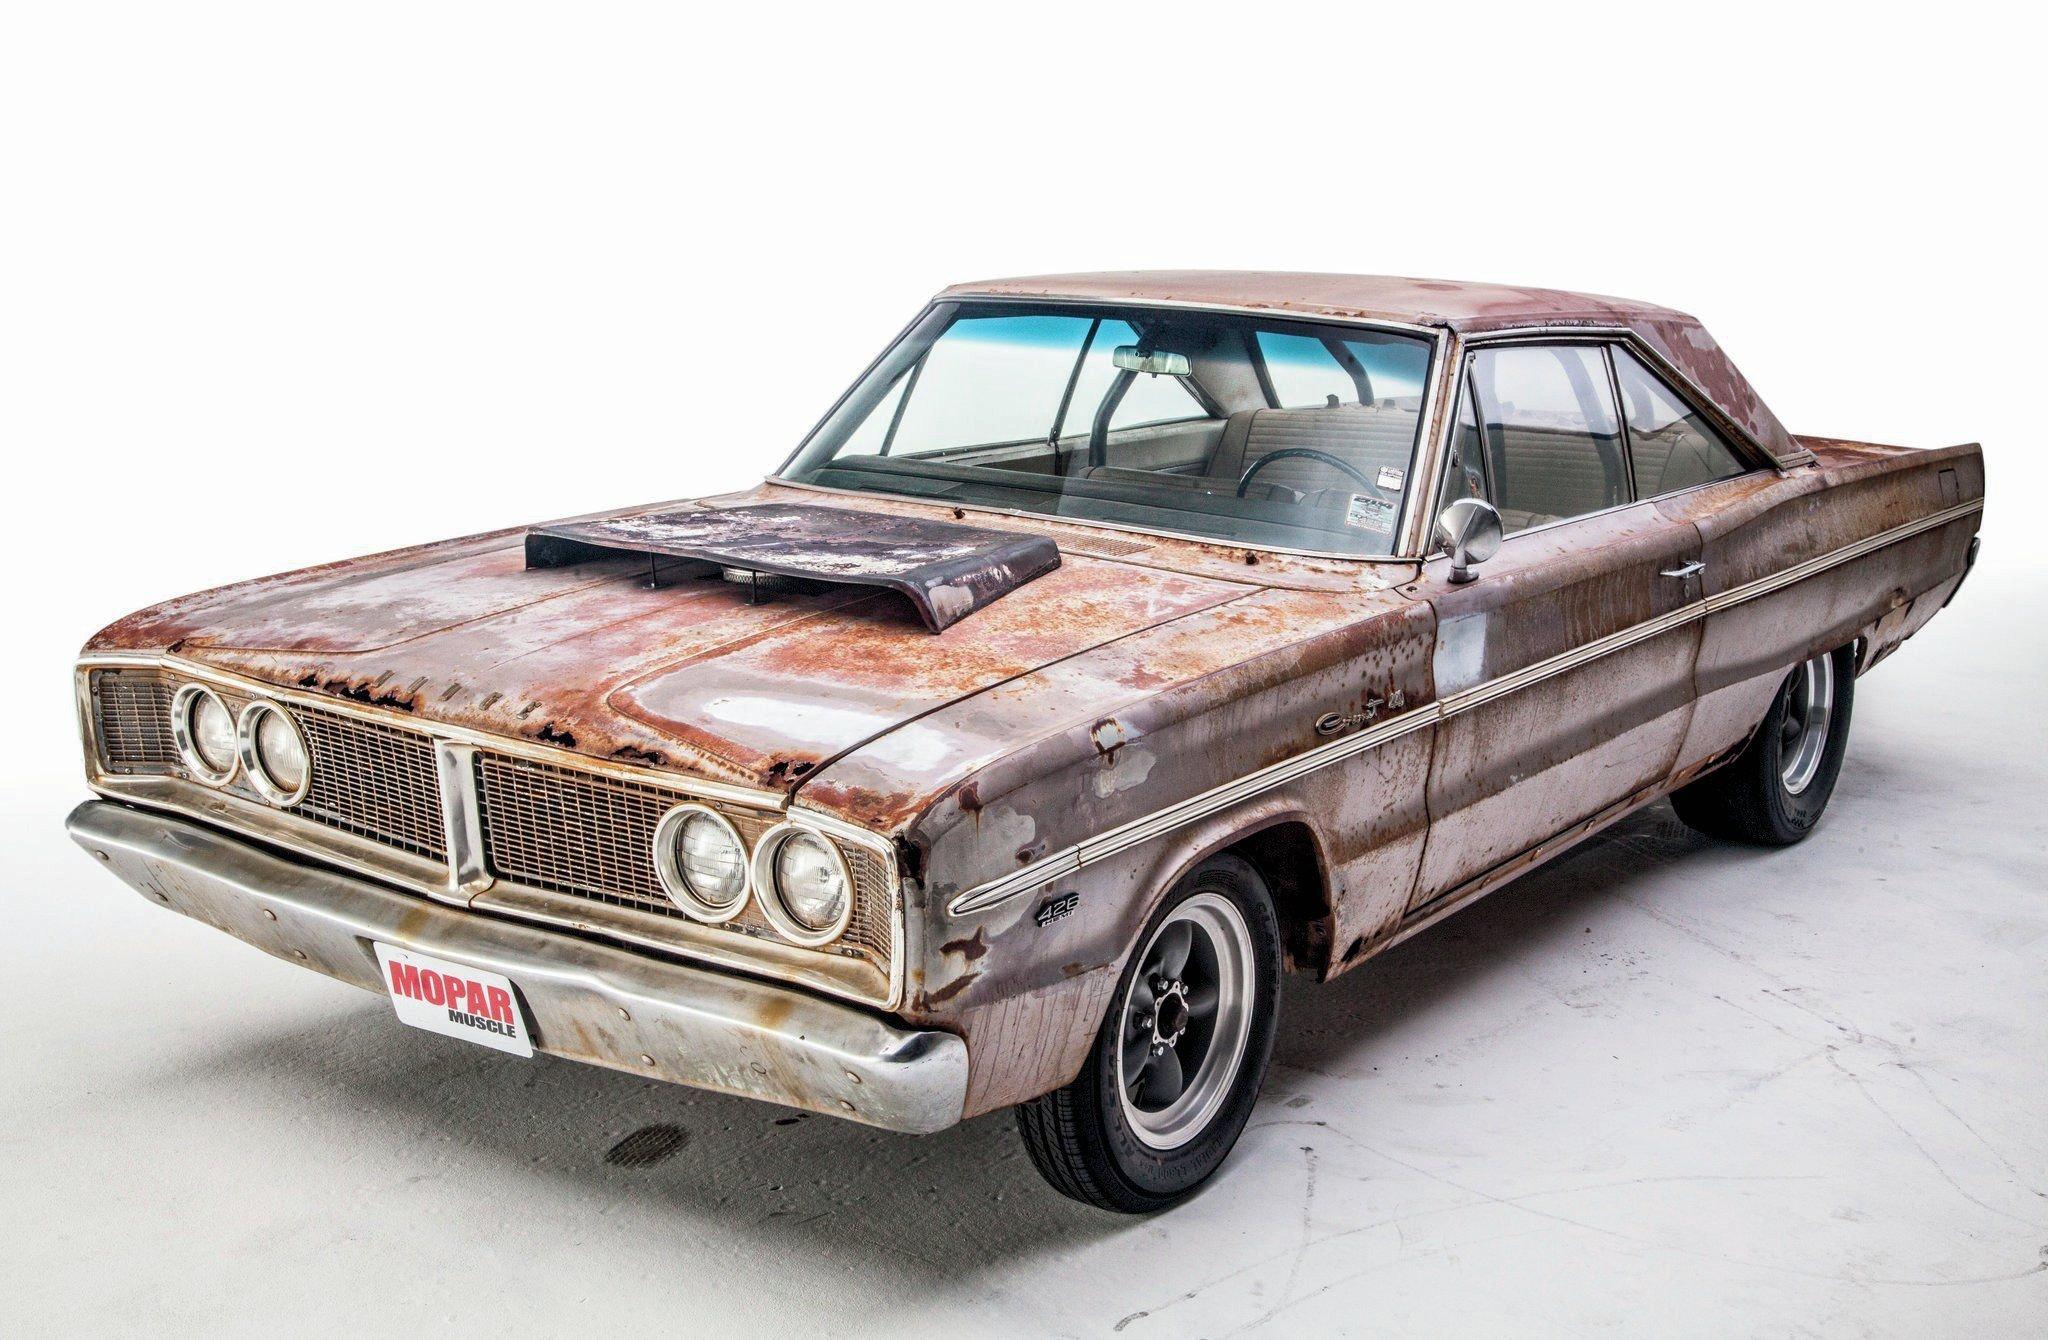 1966 Dodge Coronet Unrestored-01 wallpaper